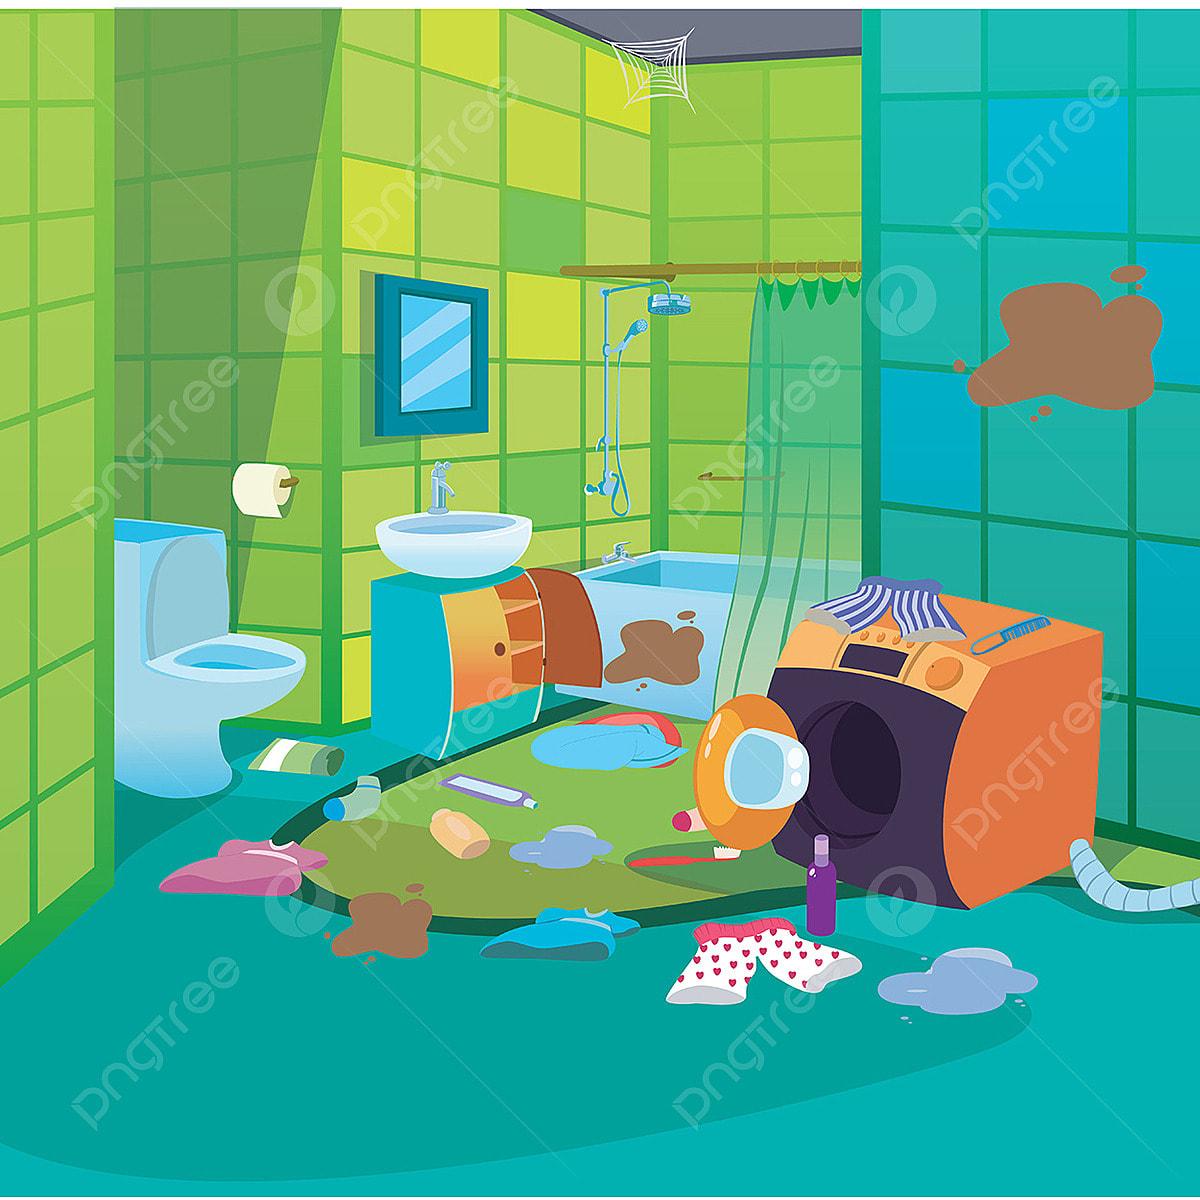 5100 Koleksi Gambar Animasi Rumah Yang Kotor HD Terbaru